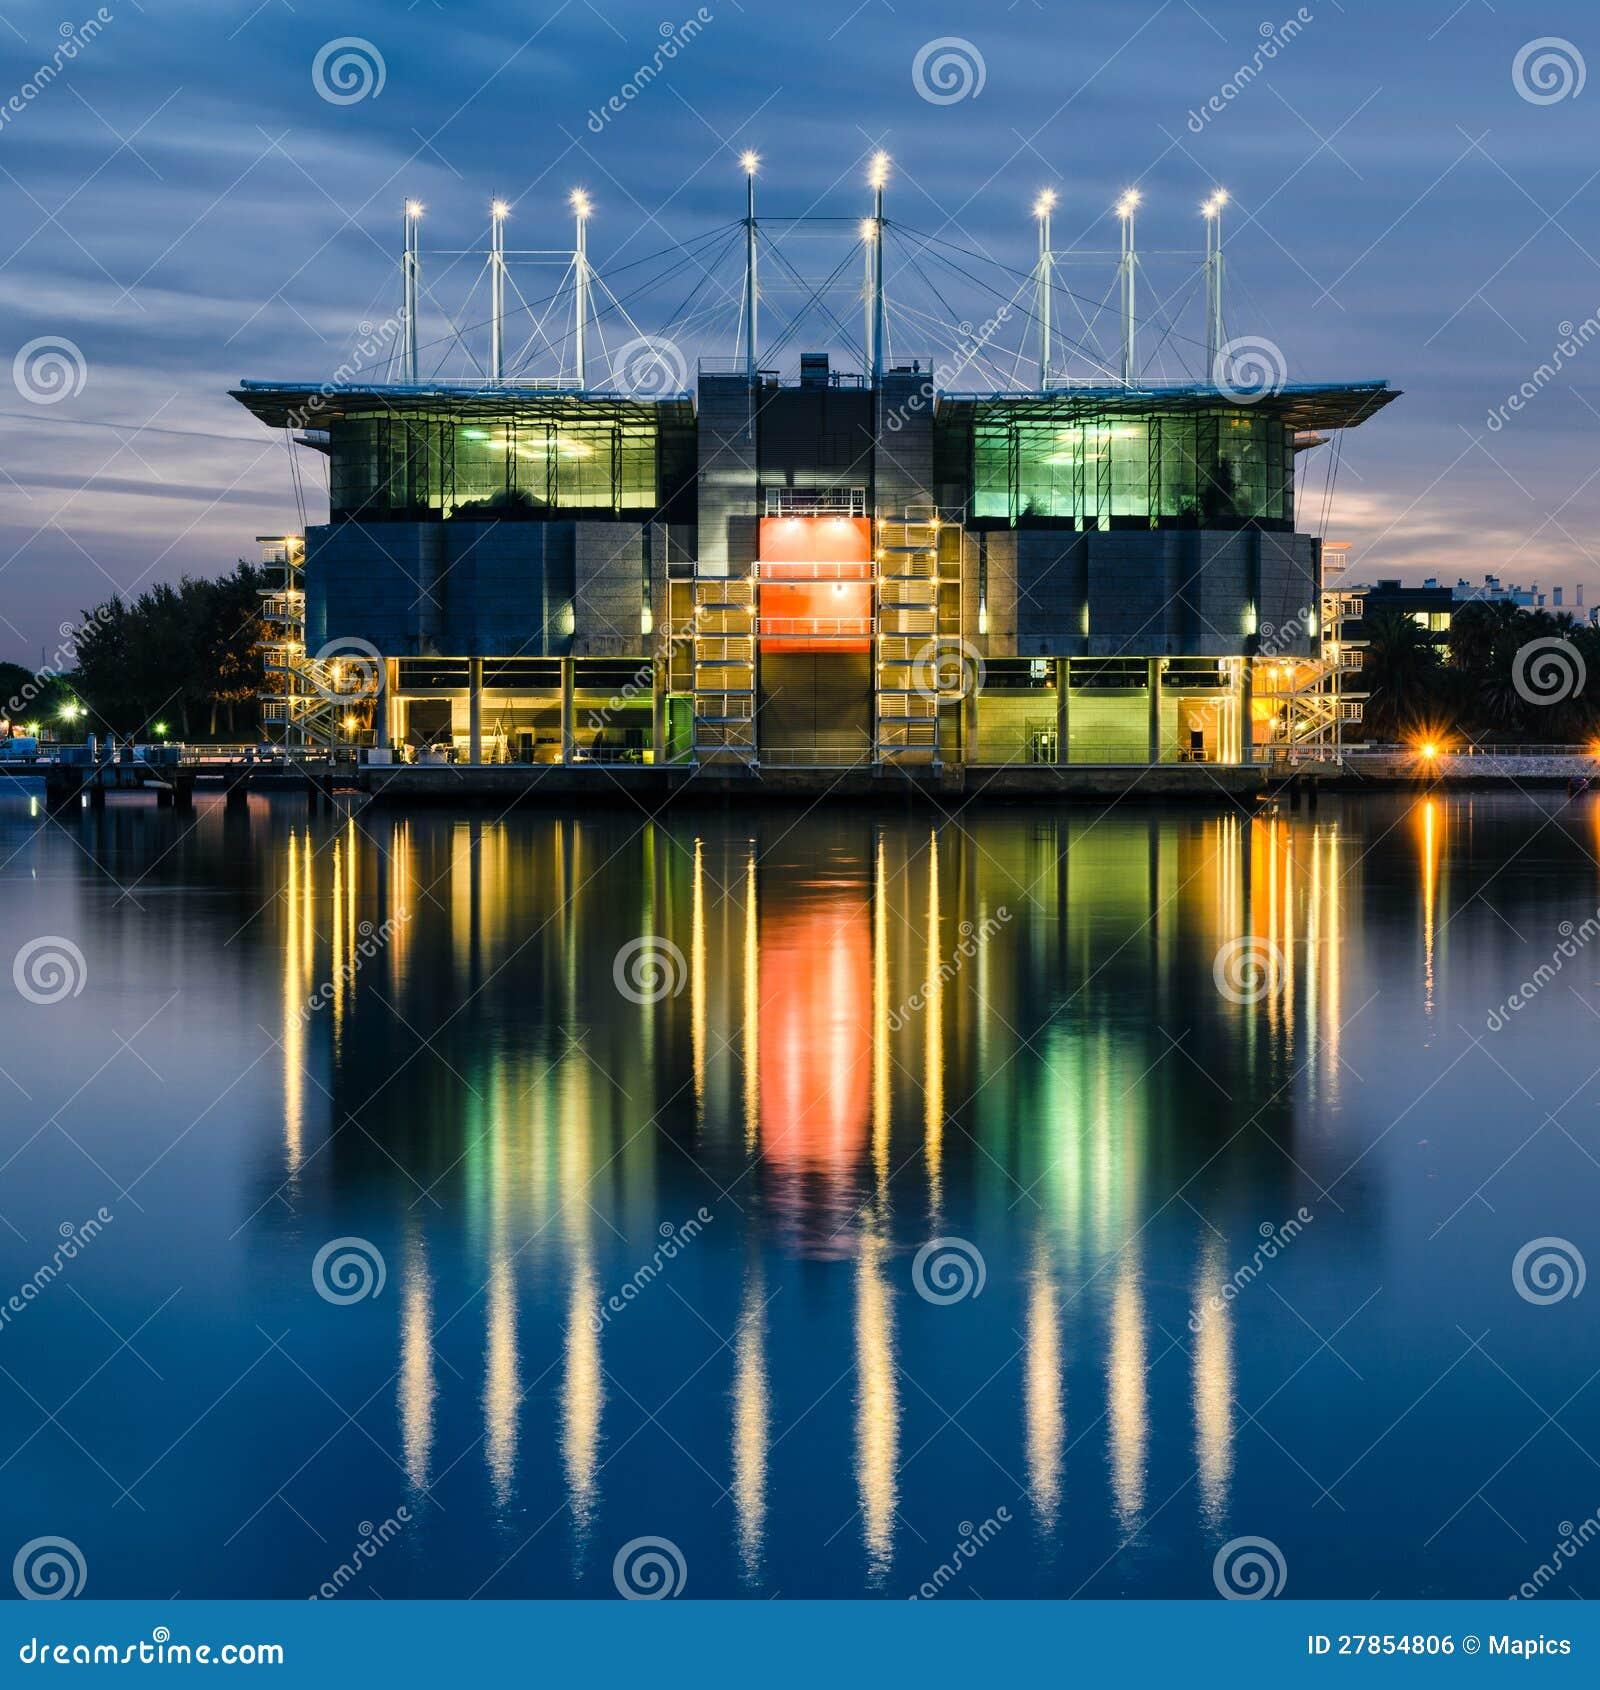 The North Sea Oceanarium